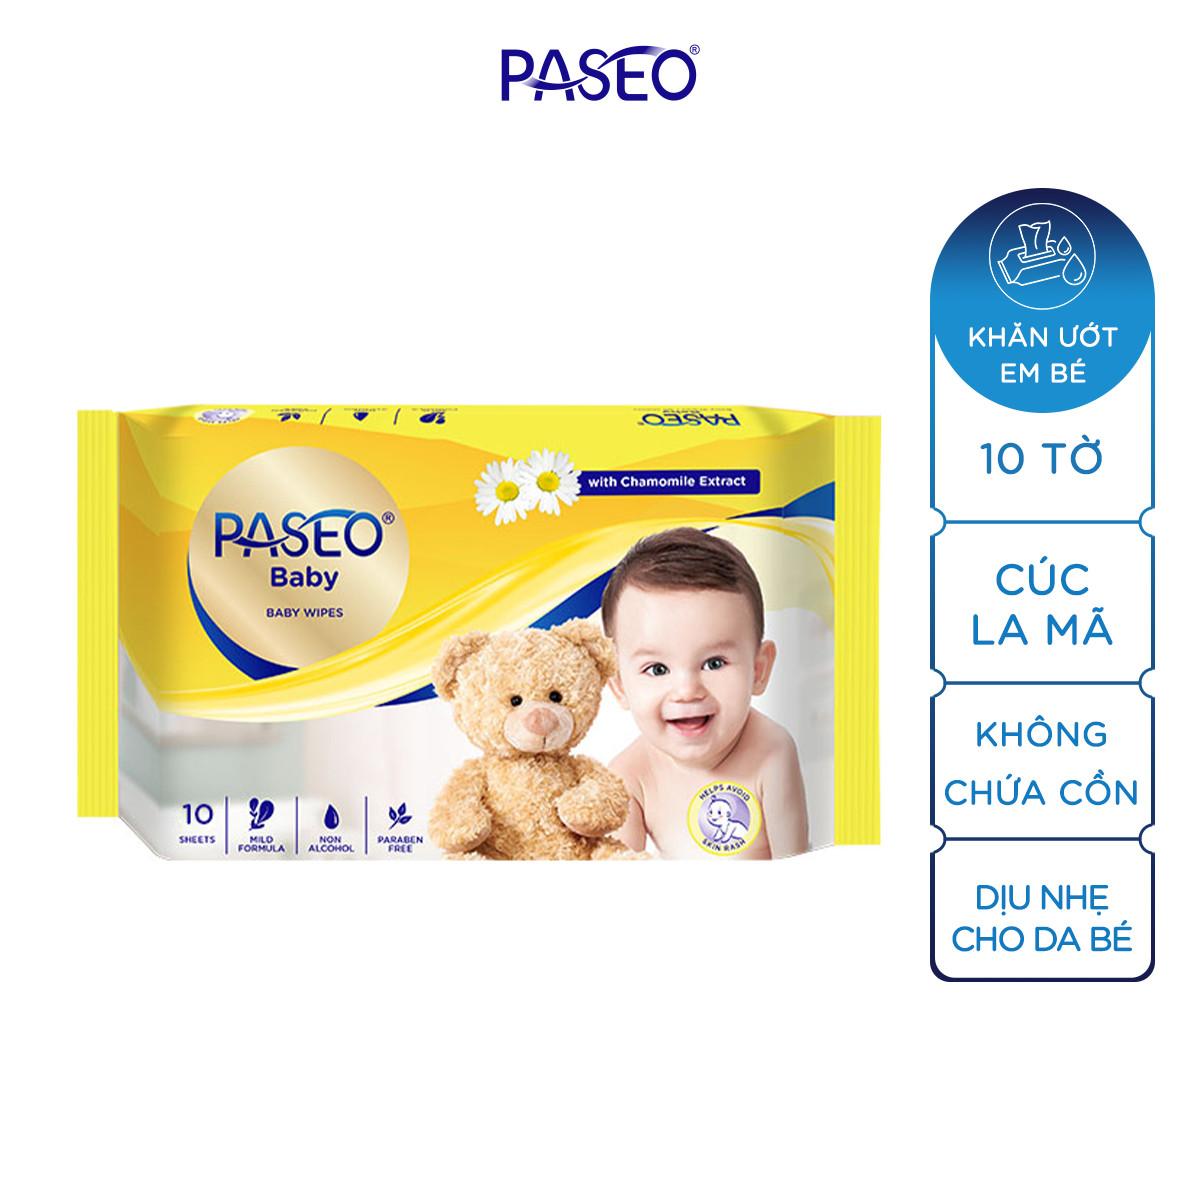 Combo 2 gói khăn ướt em bé Paseo 10 tờ chiết xuất tinh dầu hoa cúc La Mã